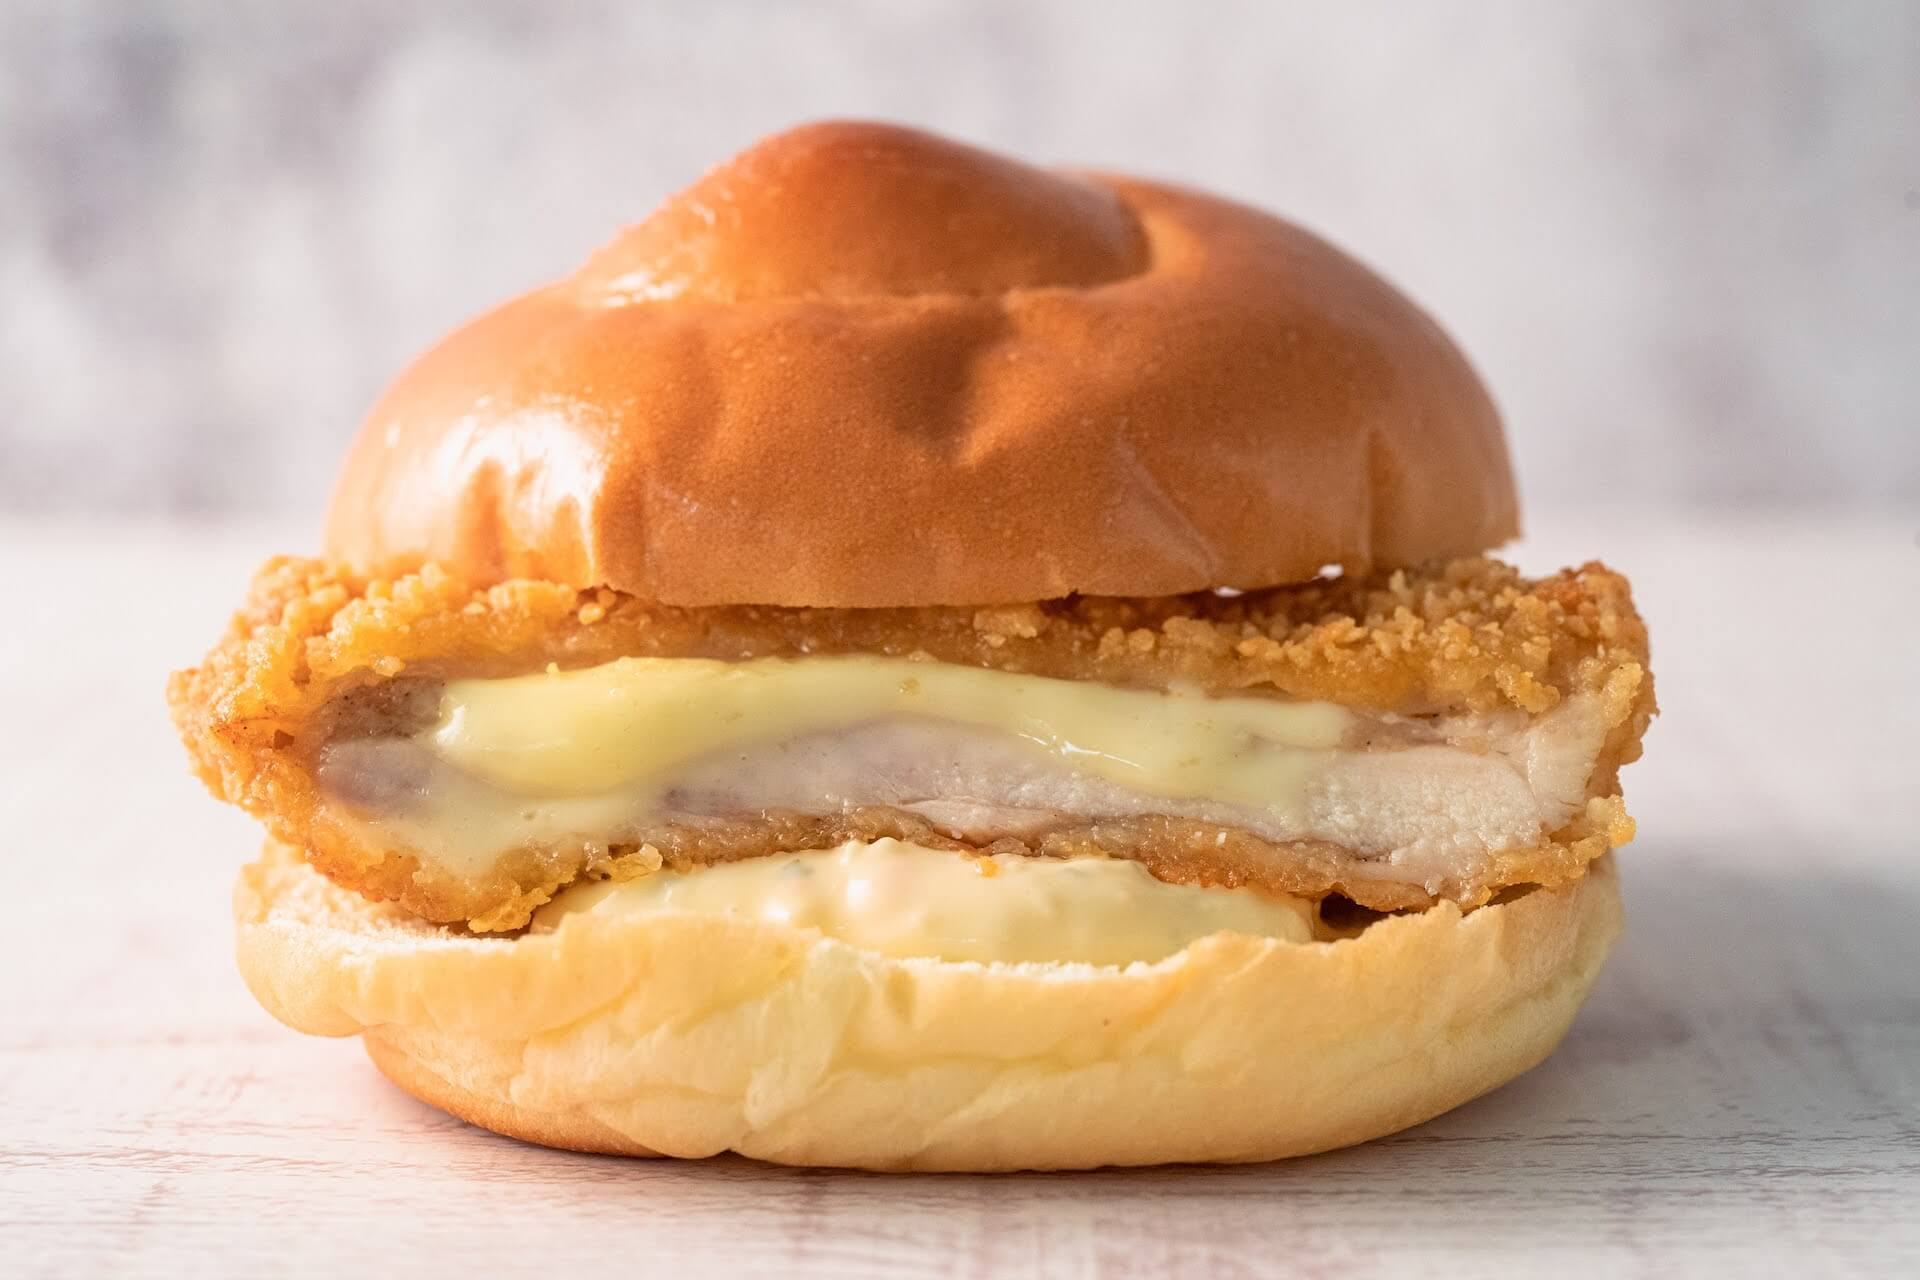 ファミマで大人気の「チーズインファミチキ」が美味しくなって復活!タルタルソース入りの「ふわふわファミチキバンズ」も発売決定 gourmet210510_familymart_chicken_4